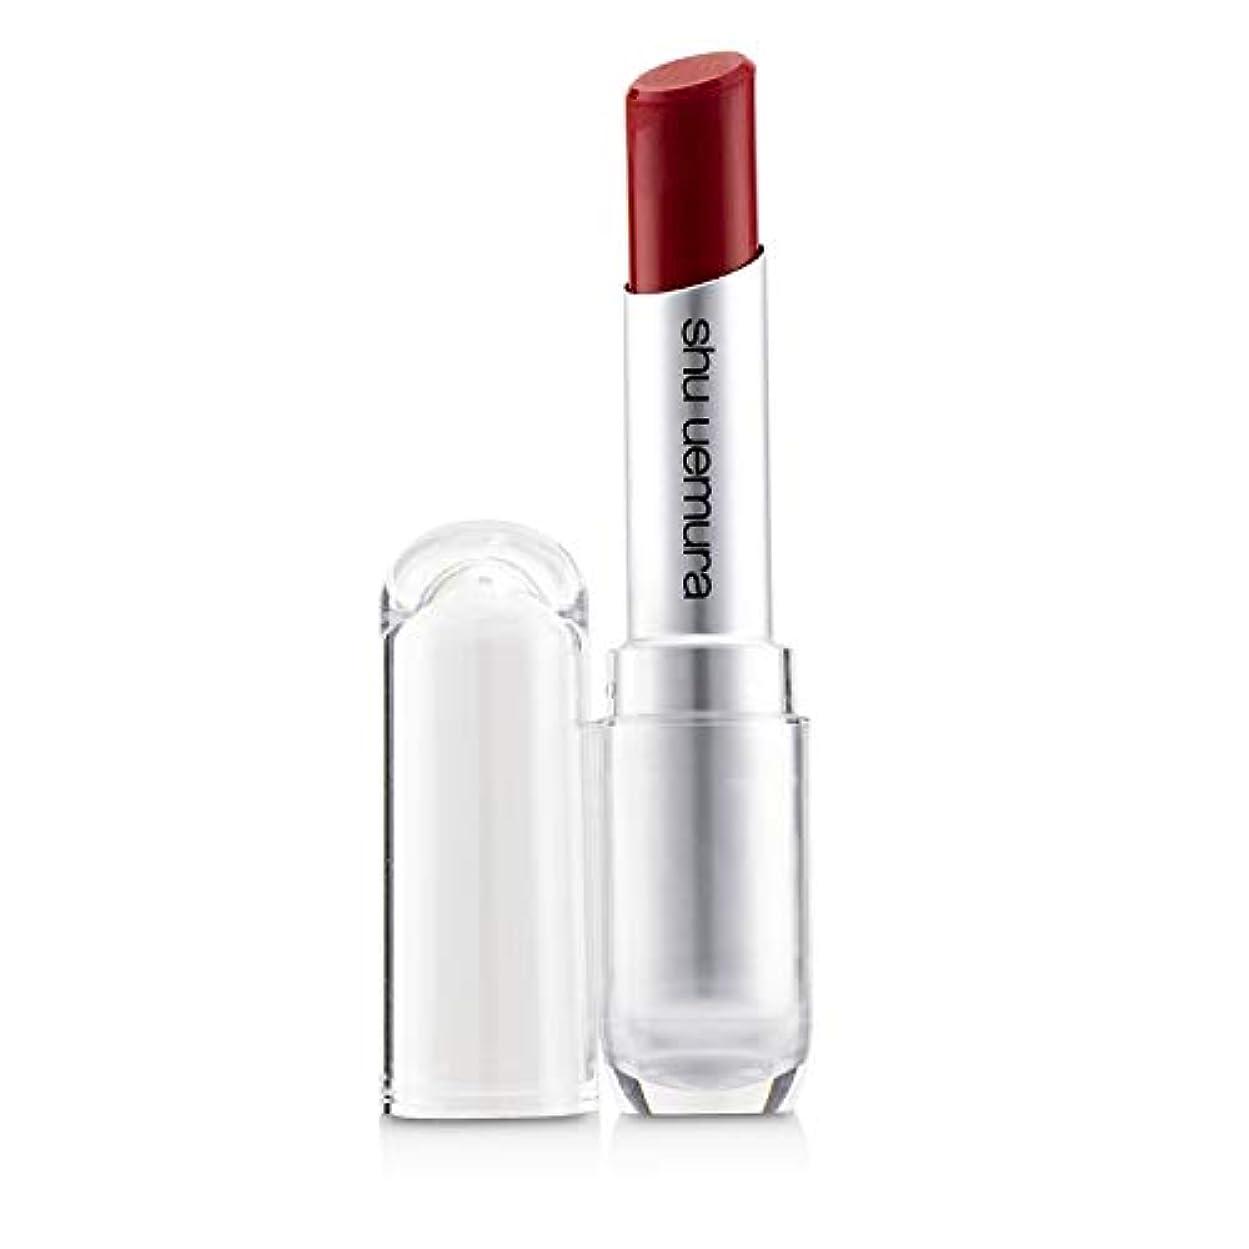 印をつけるブロック設計シュウウエムラ Rouge Unlimited Matte Lipstick - # M RD 144 3.4g/0.11oz並行輸入品